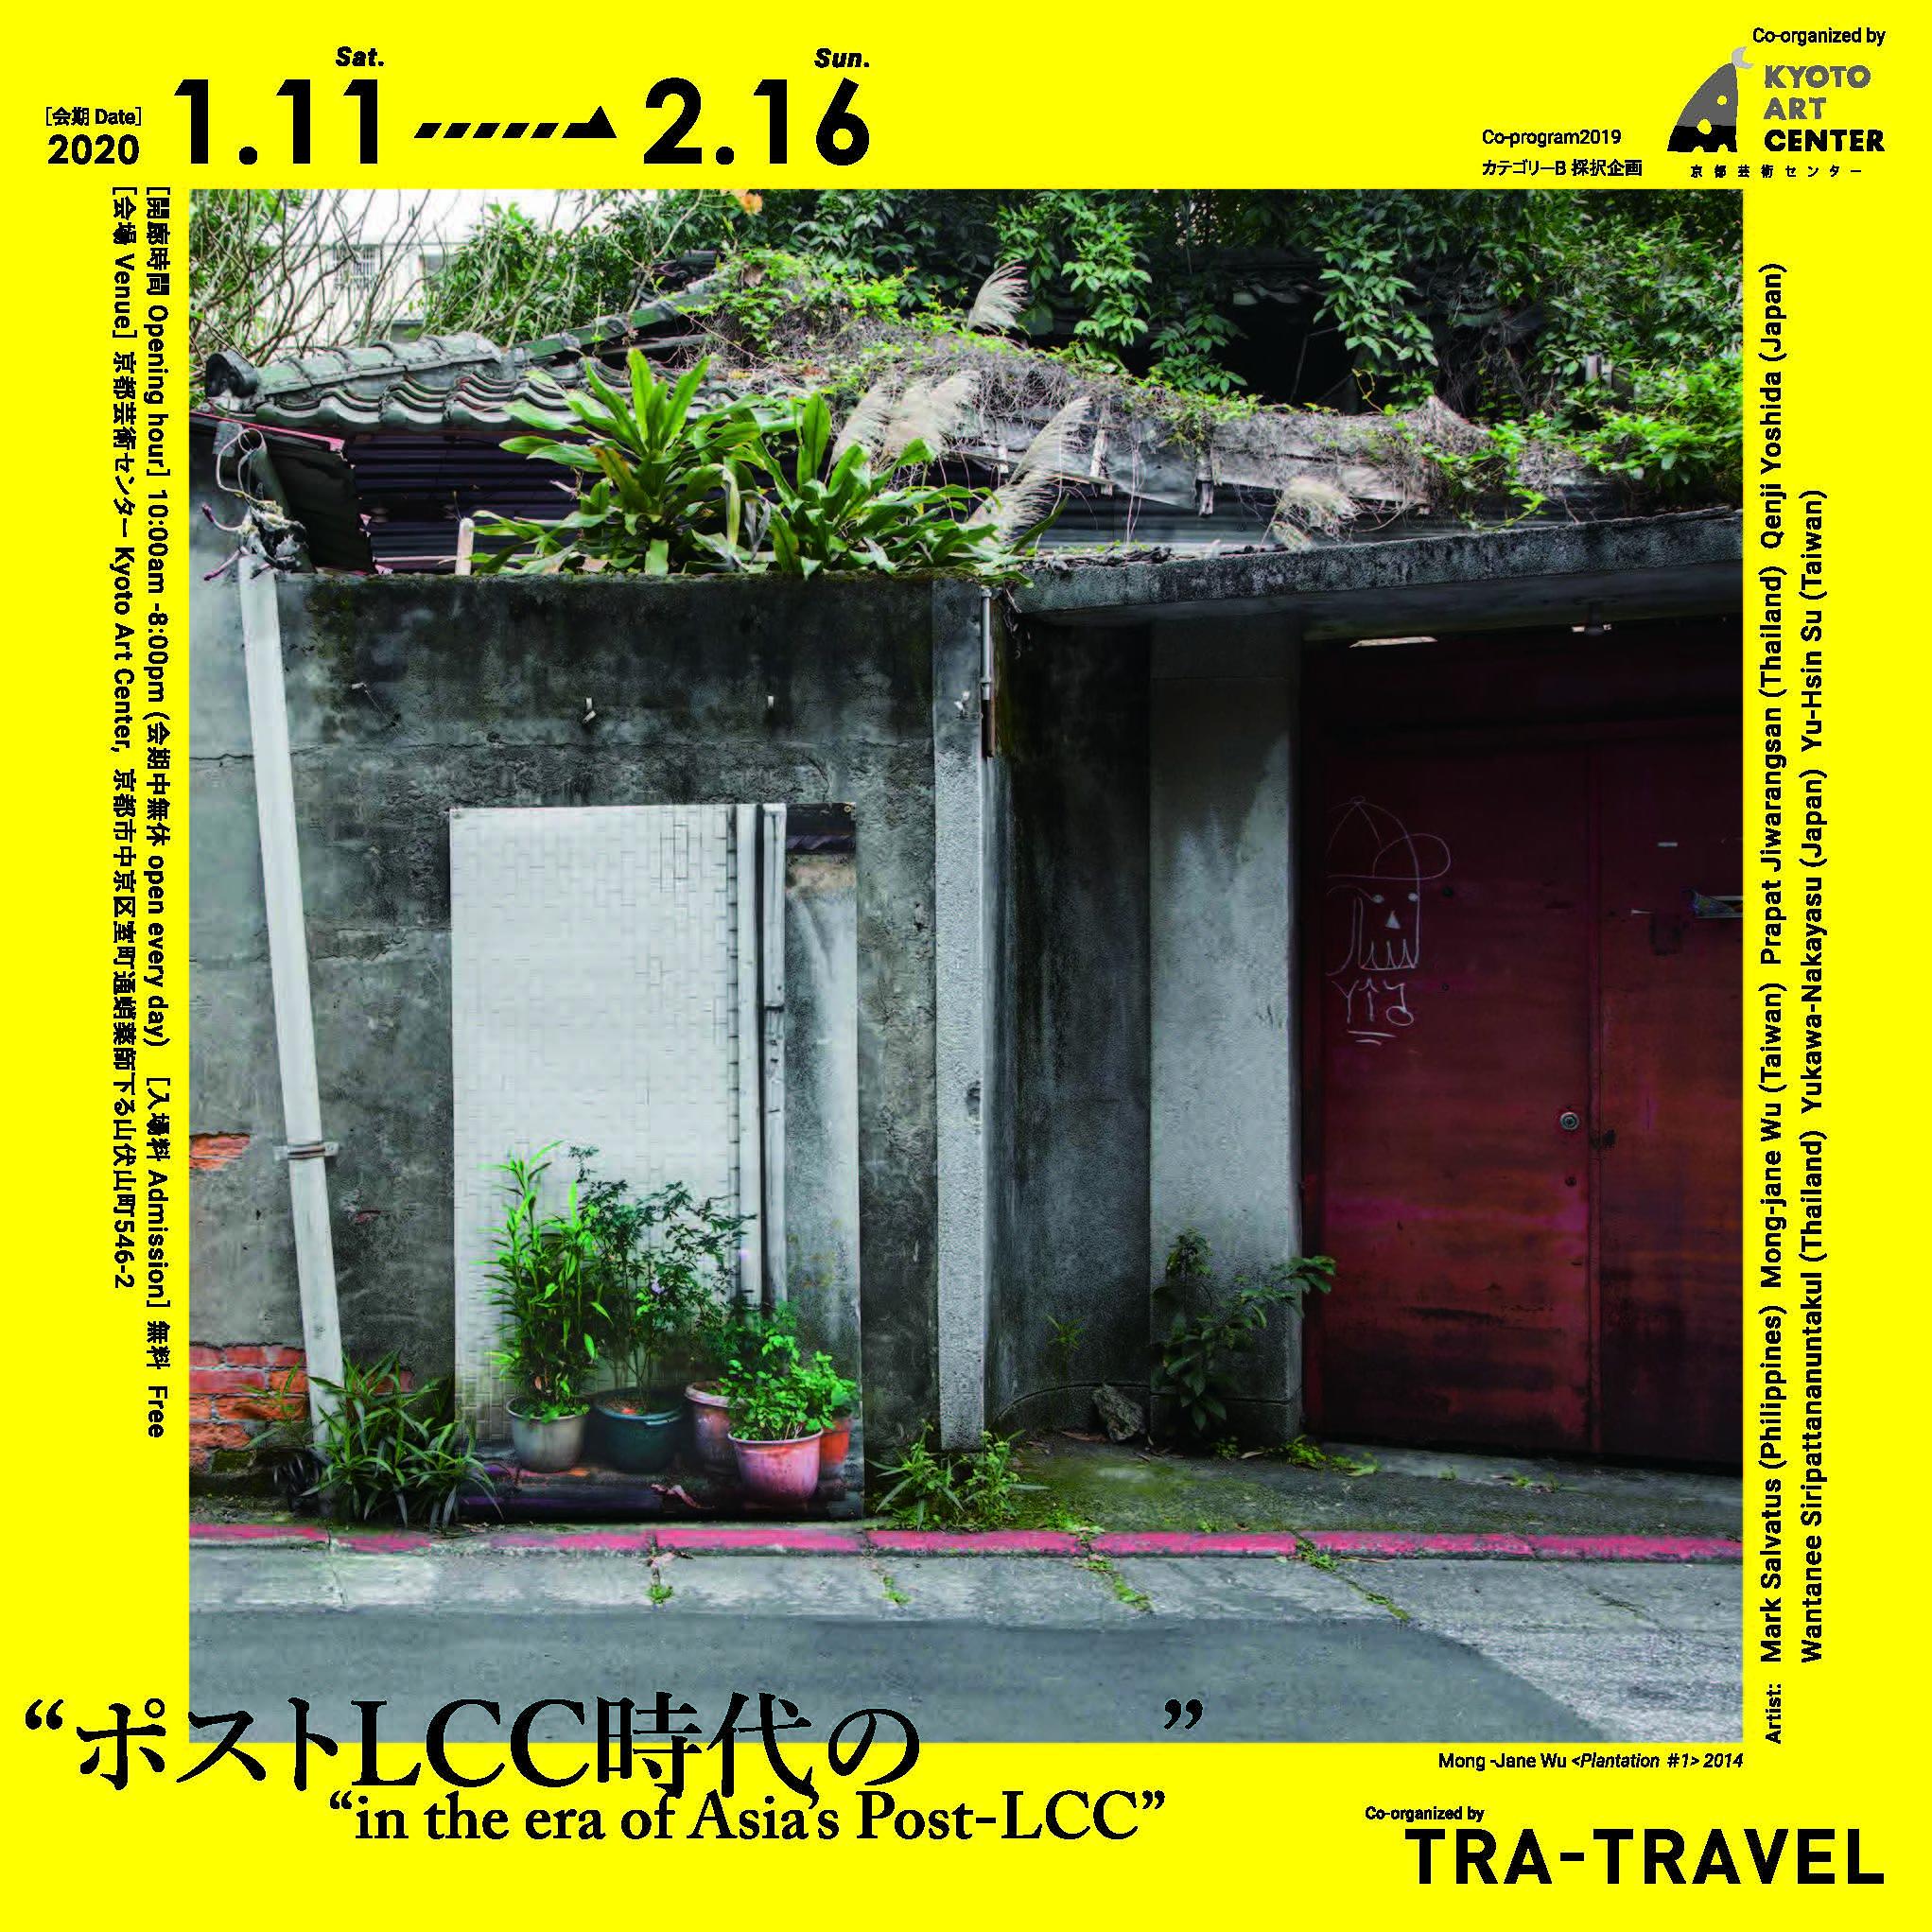 インタビュー:アートハブ「TRA-TRAVEL」<br>展覧会「ポストLCC時代の  」にみる国境を越える人や物や情報の移動がもたらす力学